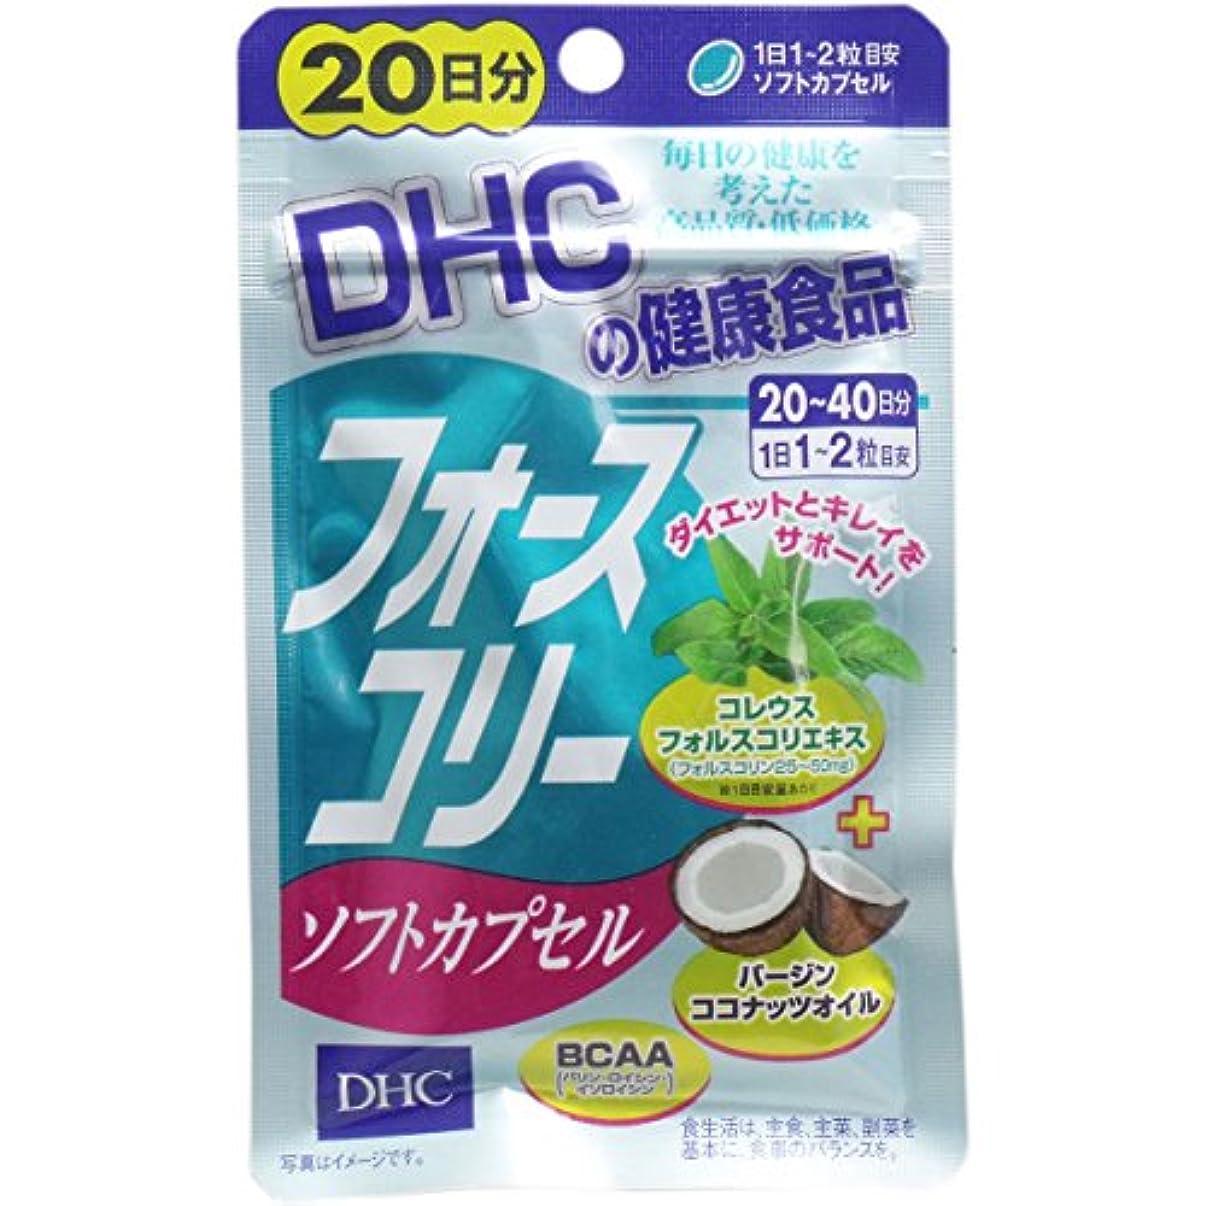 規定変形無駄なDHC フォースコリー ソフトカプセル 20日分 20粒入